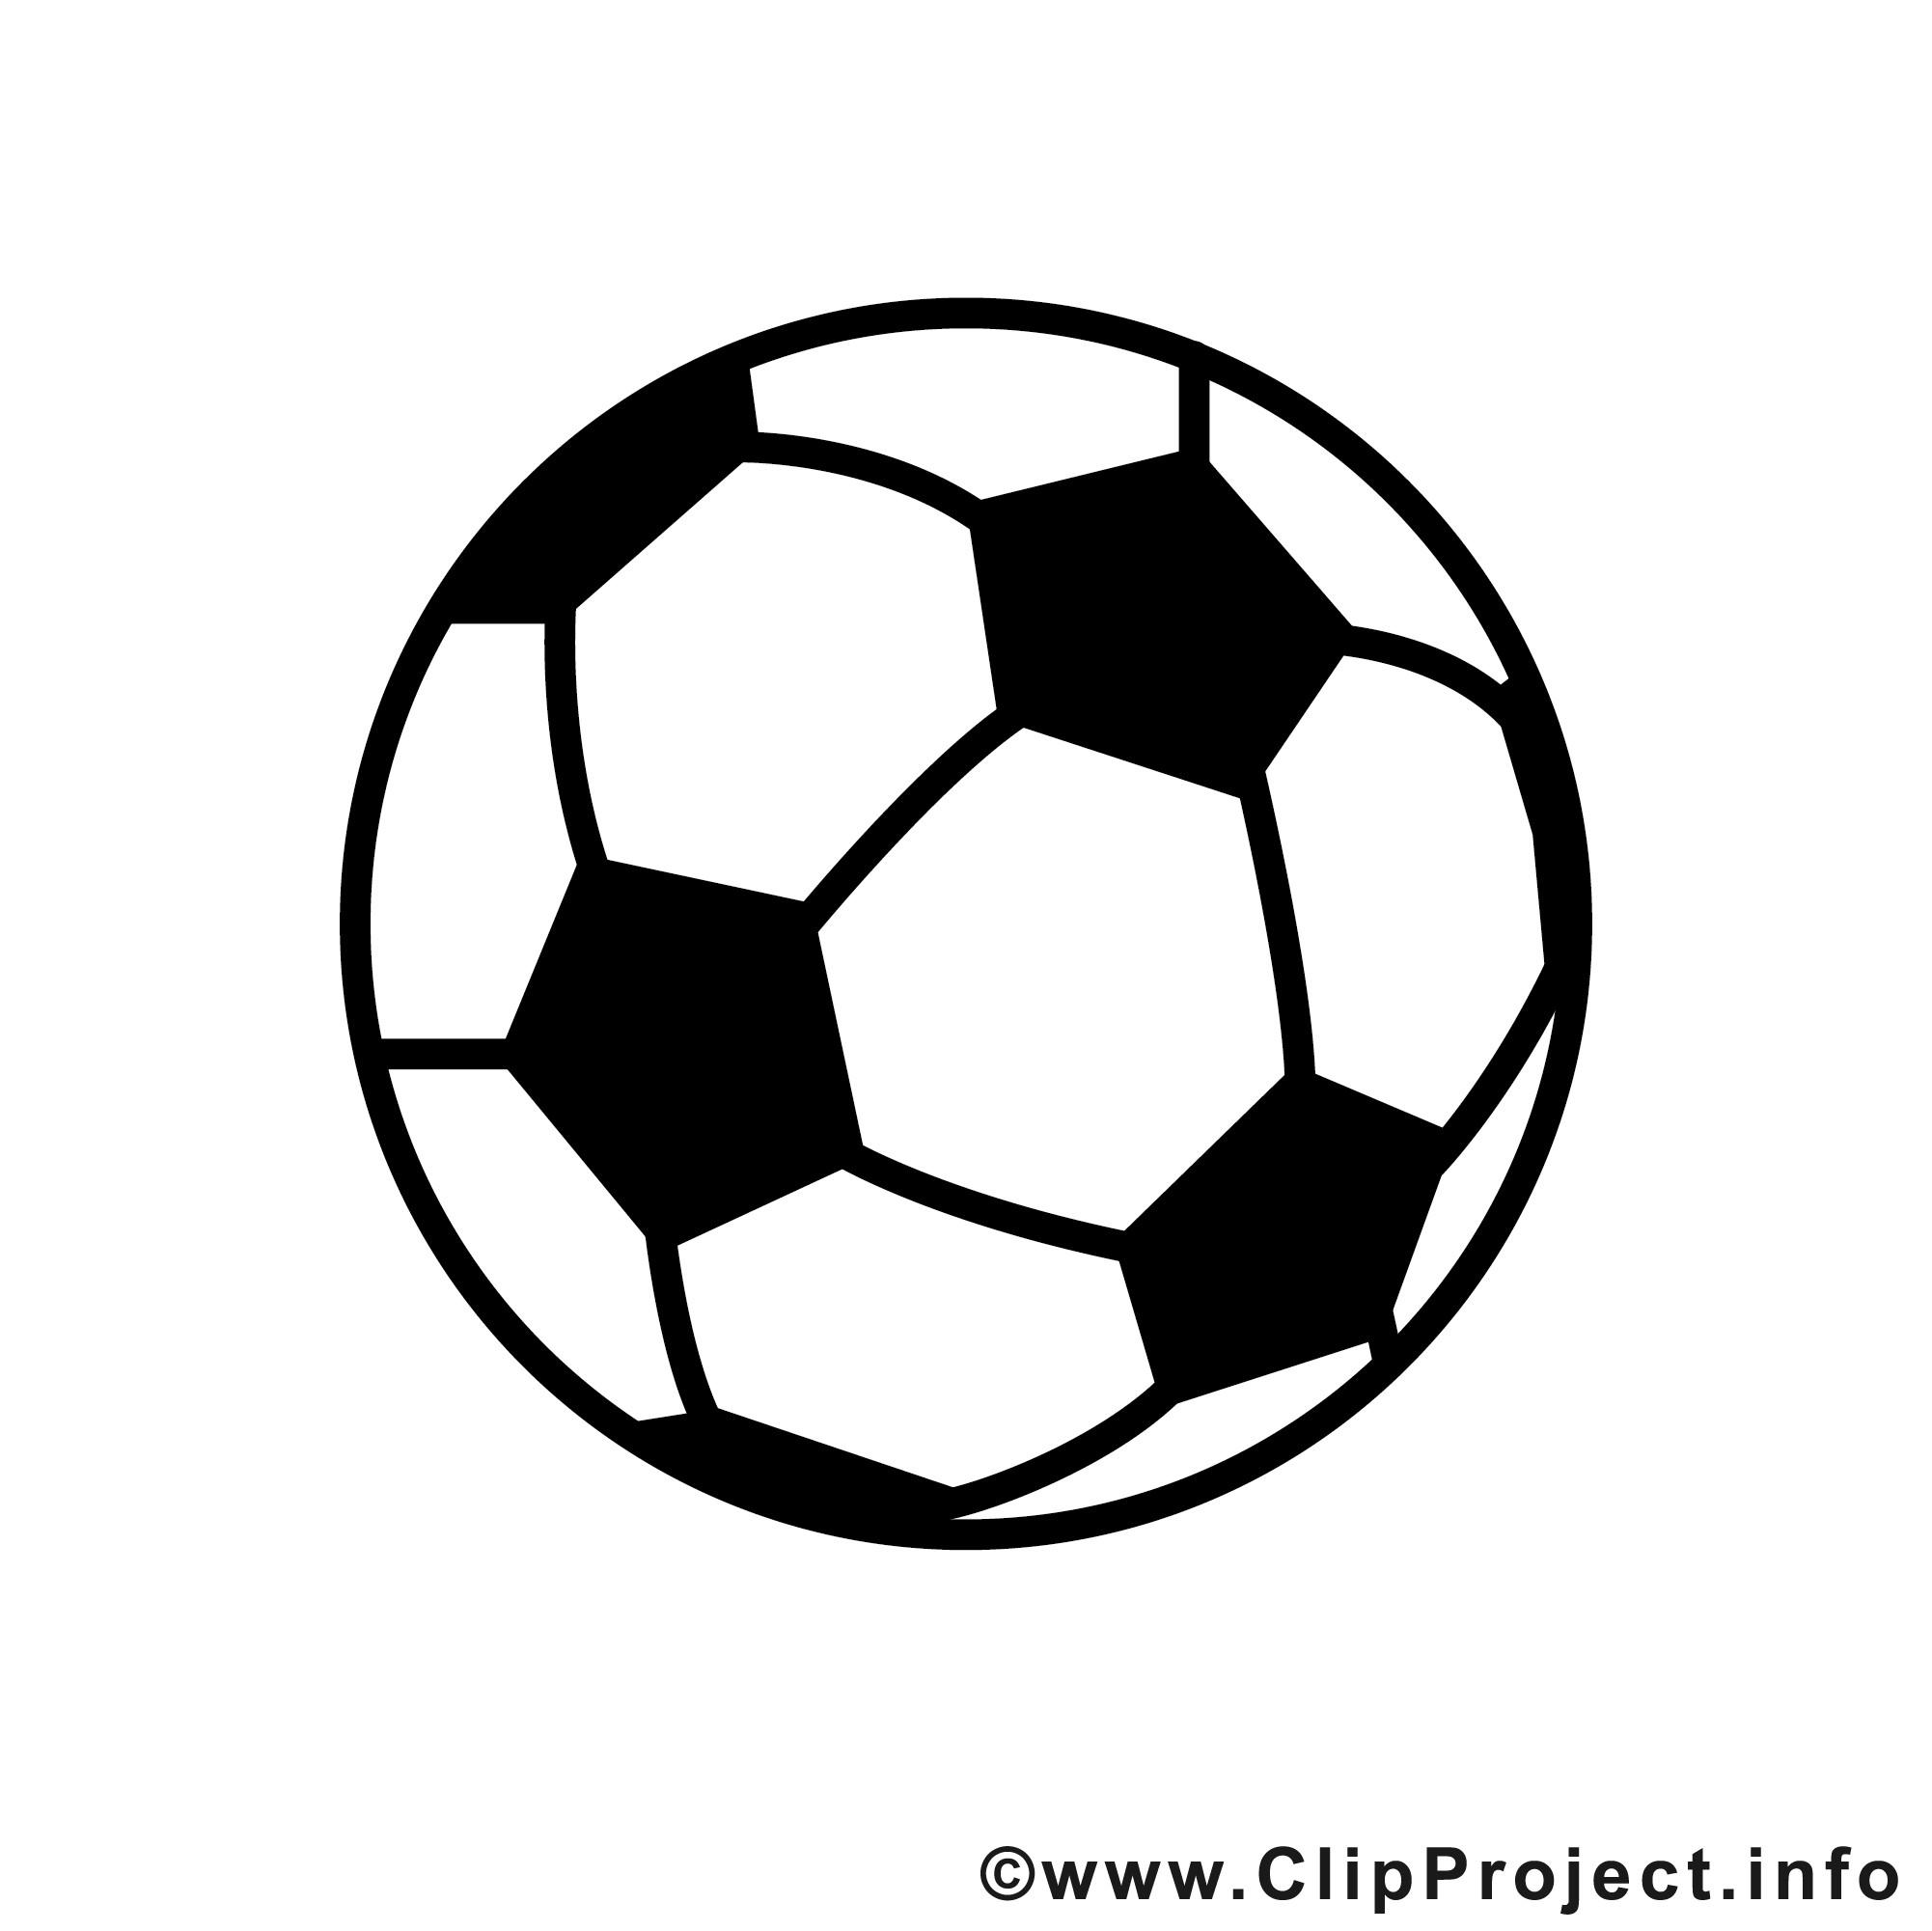 Malvorlagen Fußball  Fussball Malvorlage